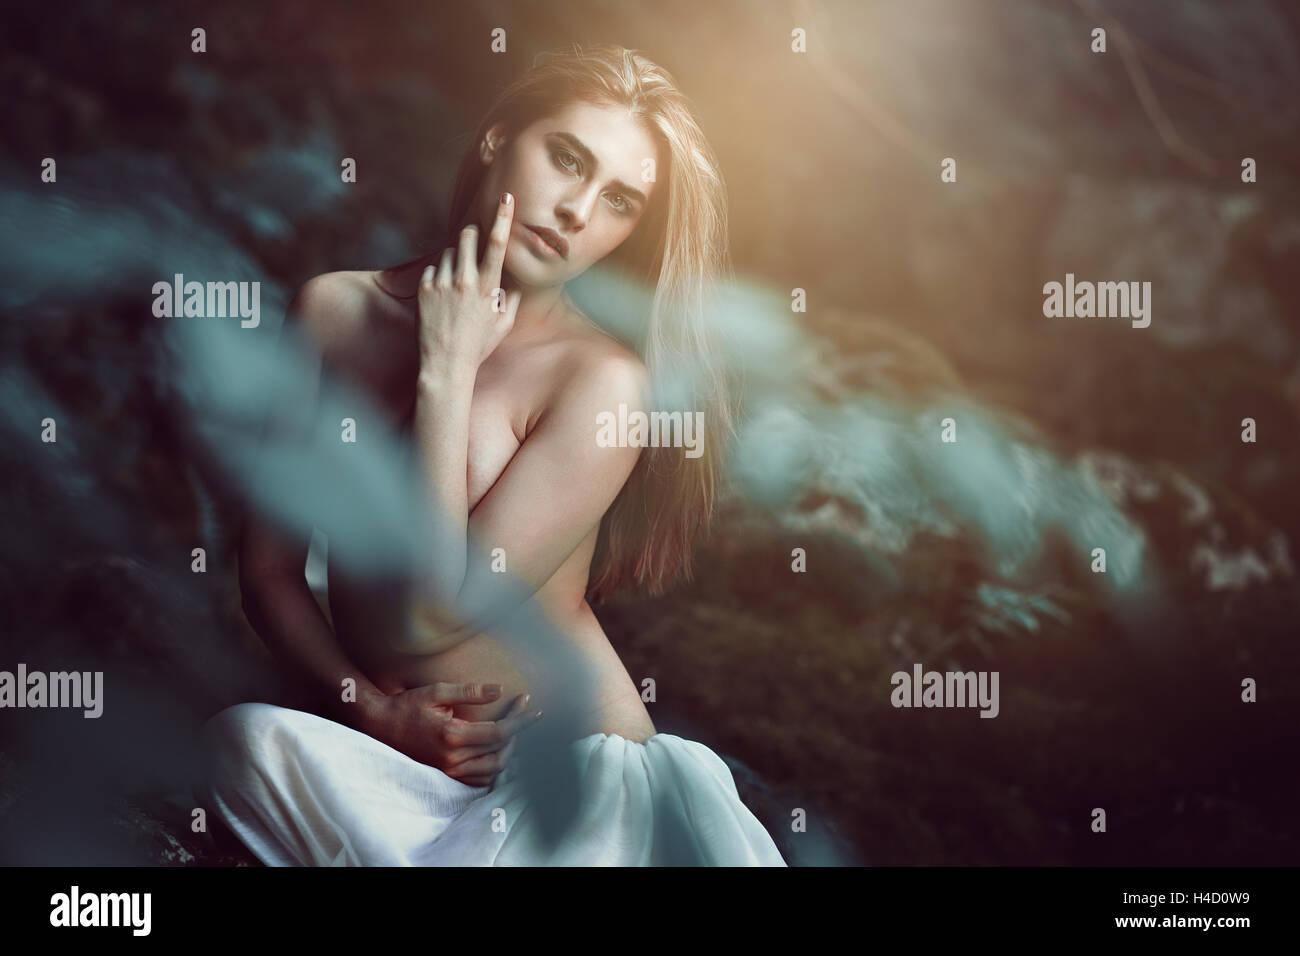 Schöne Tochter des Waldes in verträumten weiches Licht. Fantasie und Magie Stockbild